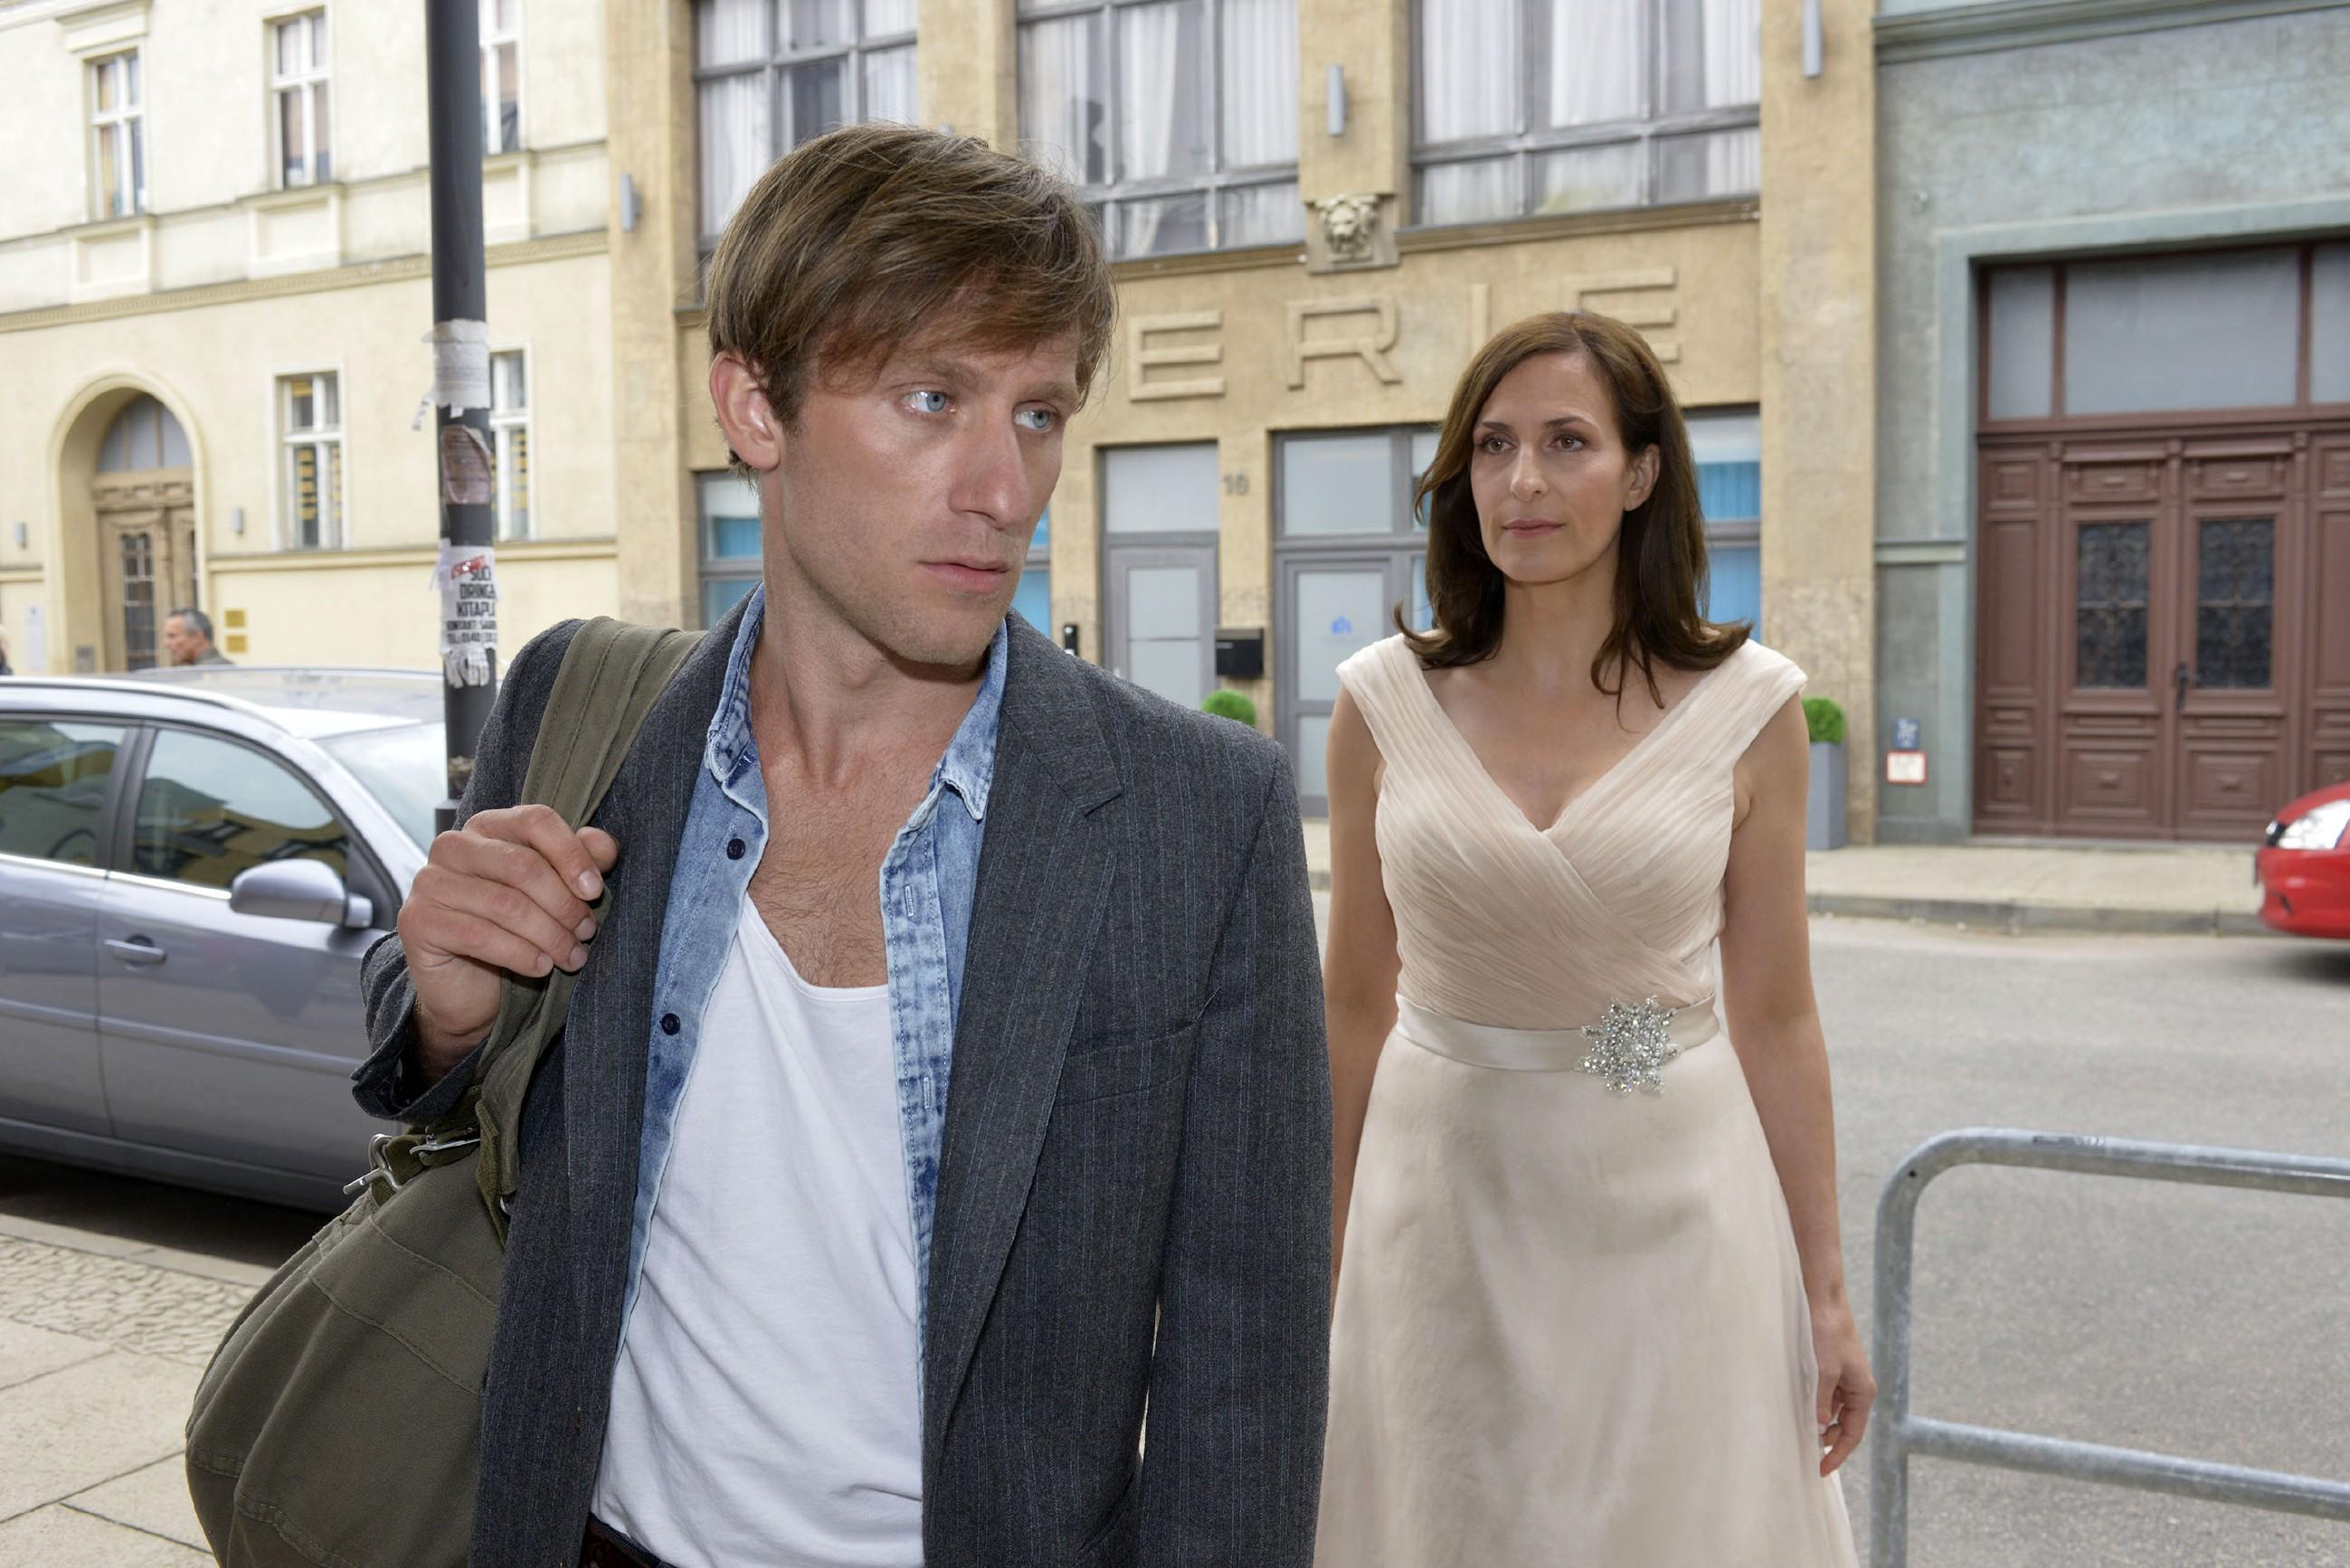 Katrin (Ulrike Frank) ist kurz davor, Bommel (Merlin Leonhardt um eine letzte Chance für sie beide zu bitten, aber der kommt ihr zuvor und weist sie einmal mehr zurück...